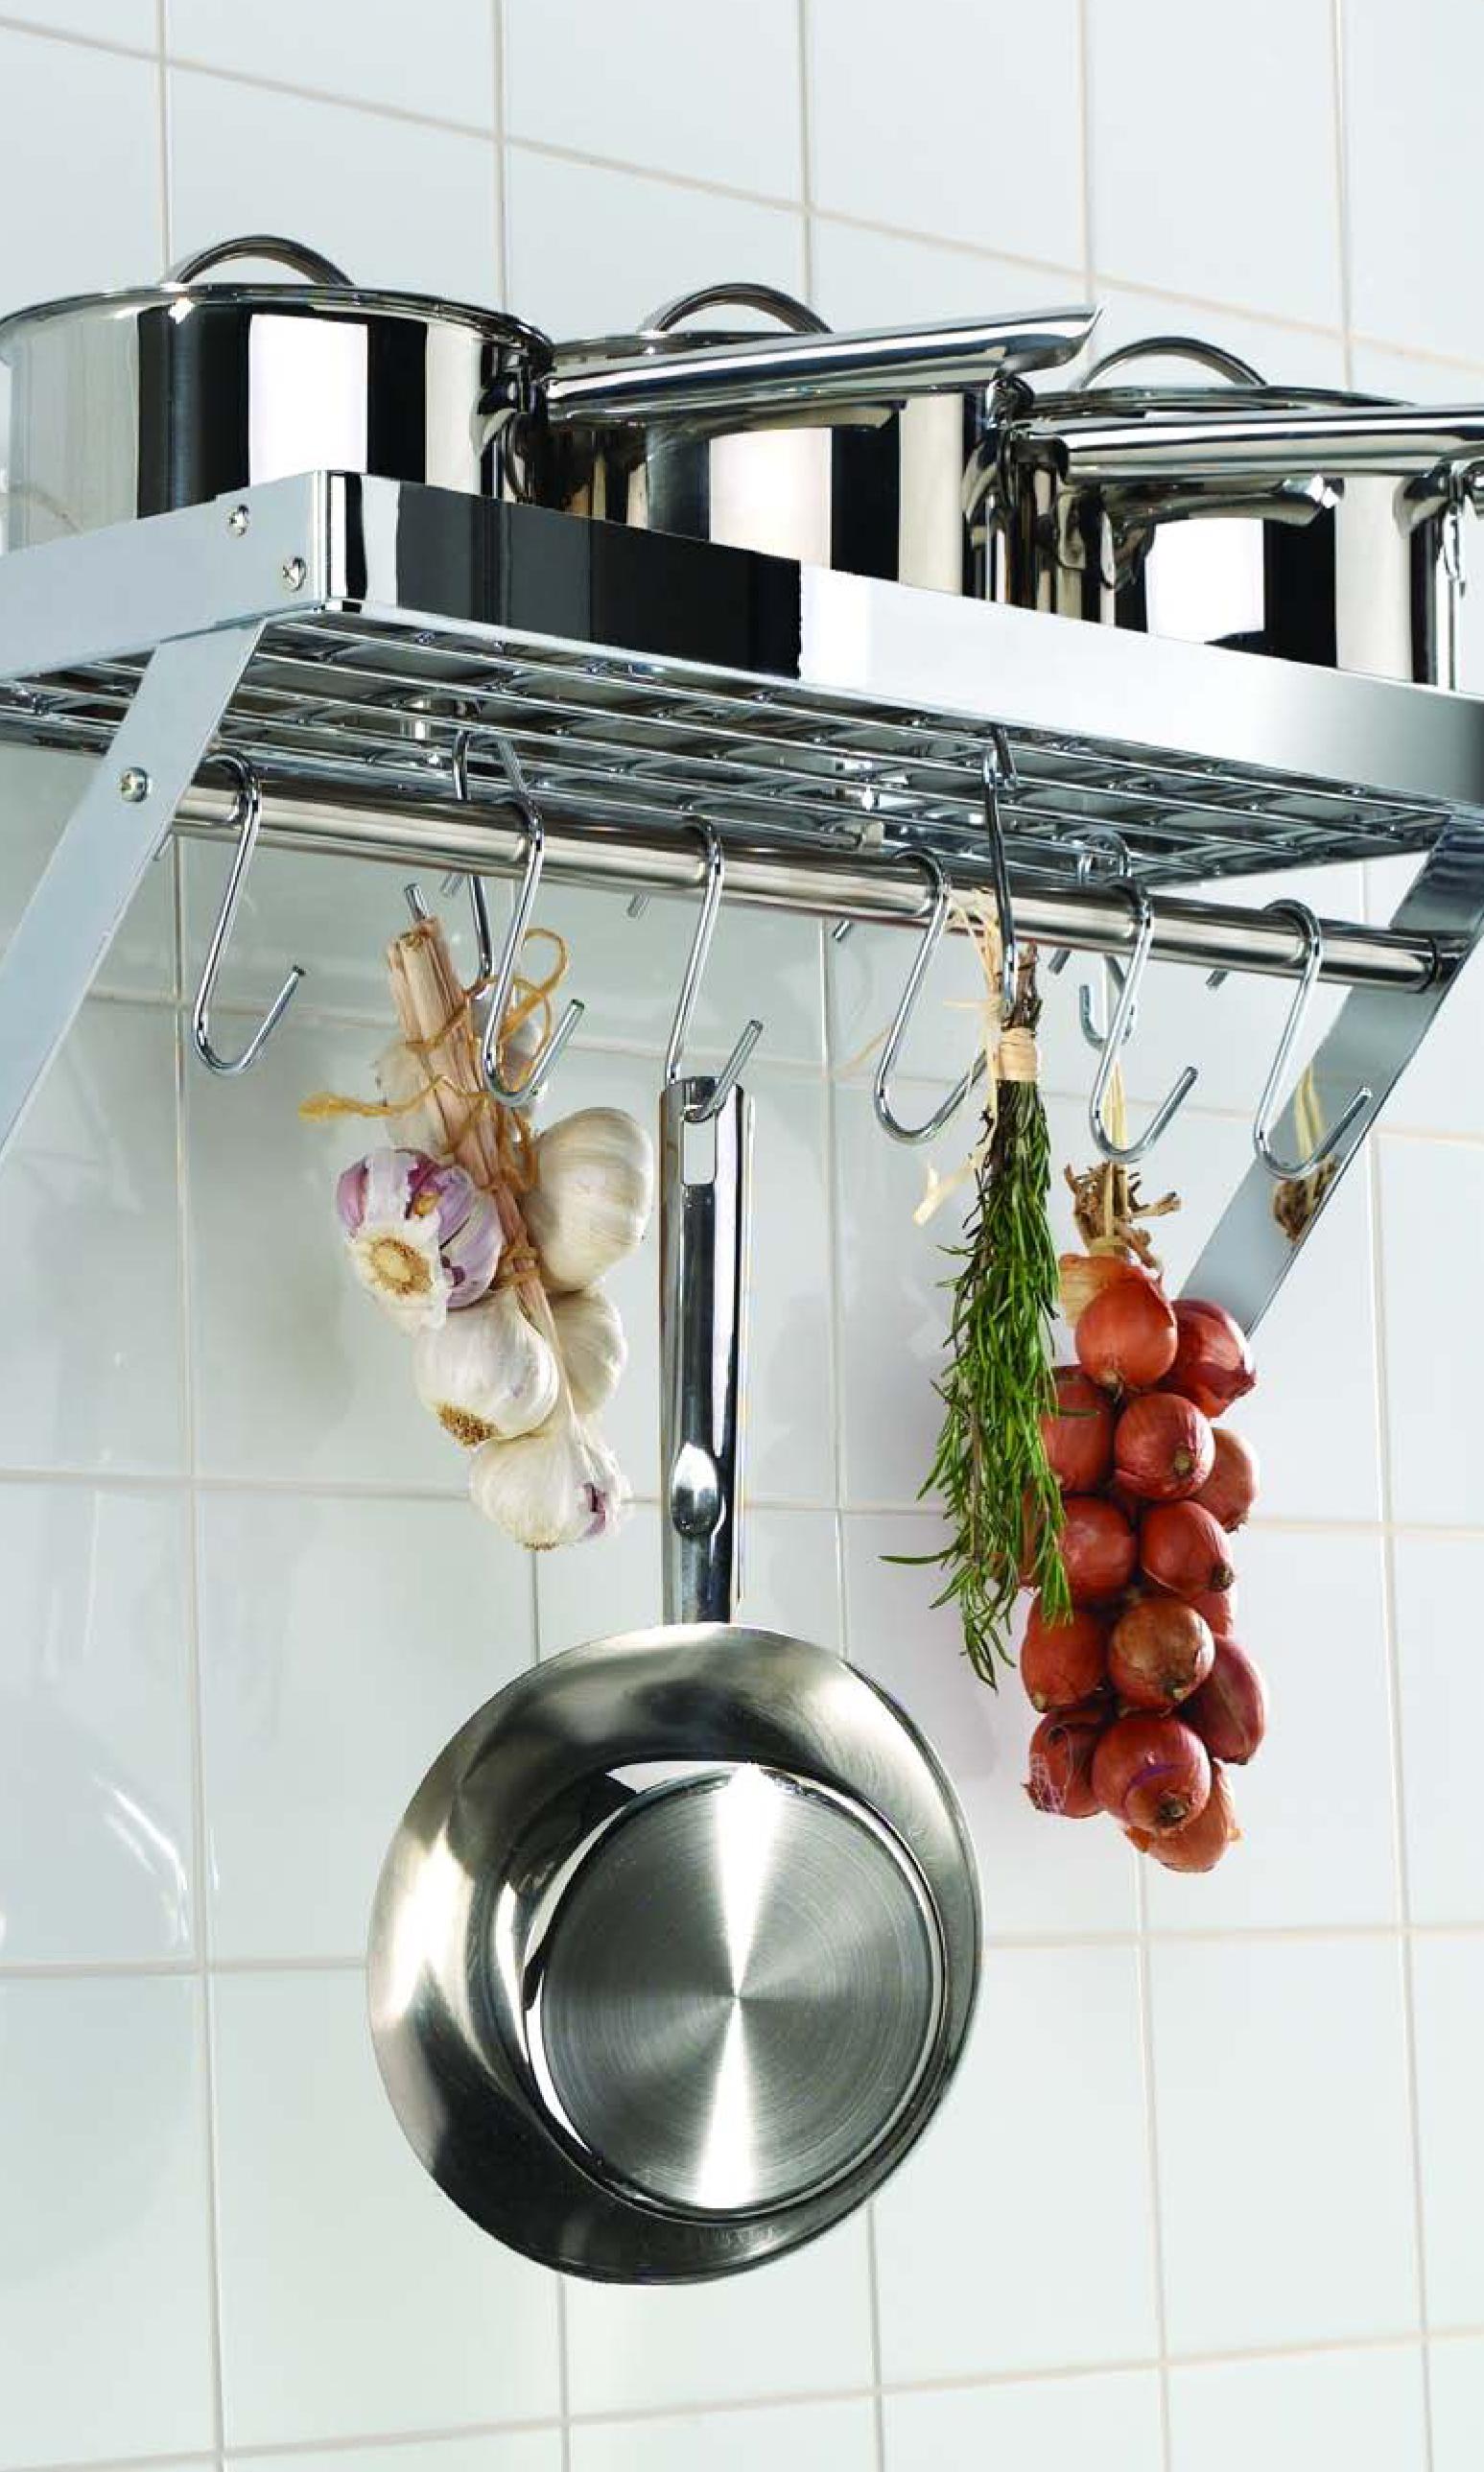 Wandregal Premium   Wandregal, Die küche und Küche